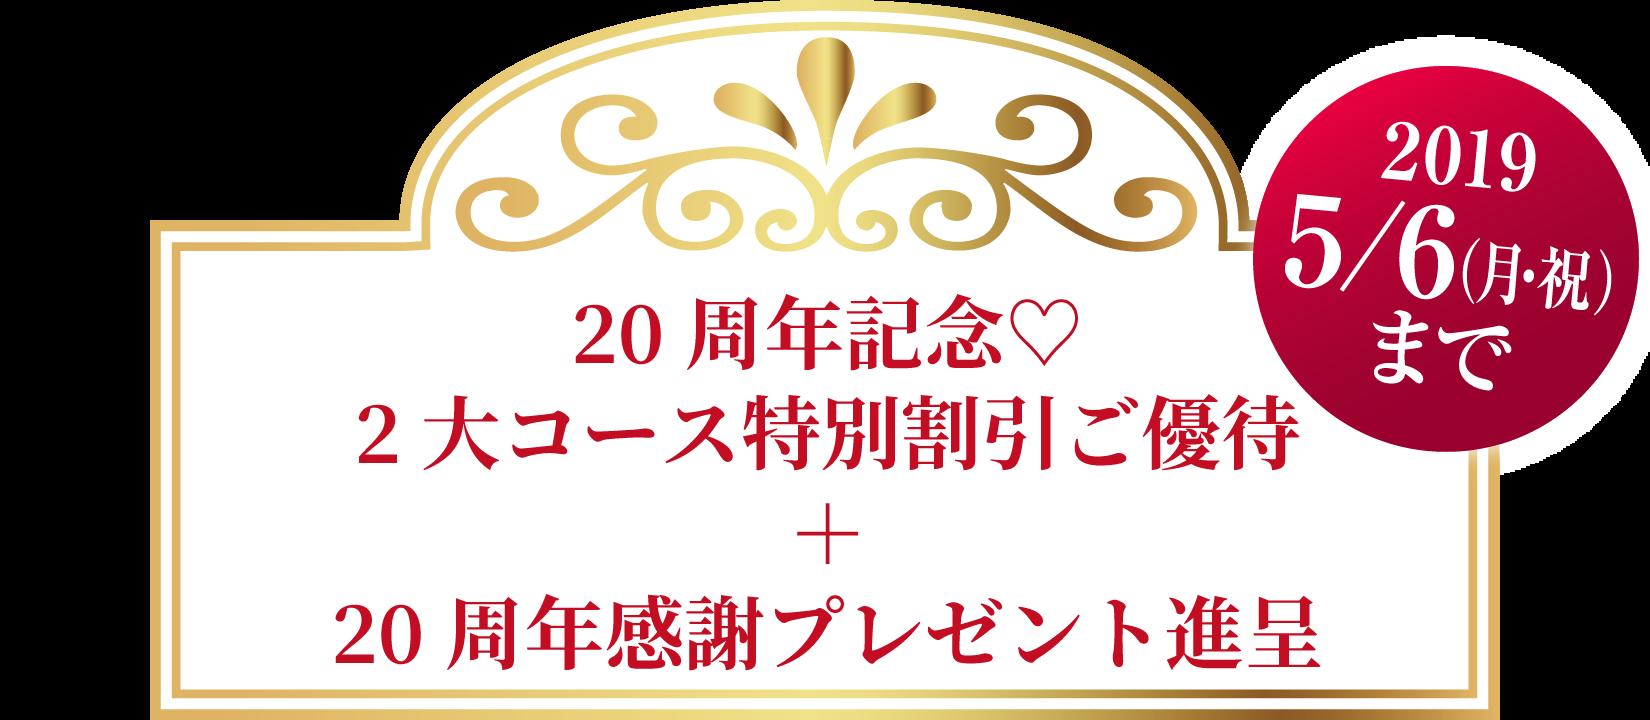 Fairies 20th Anniversary